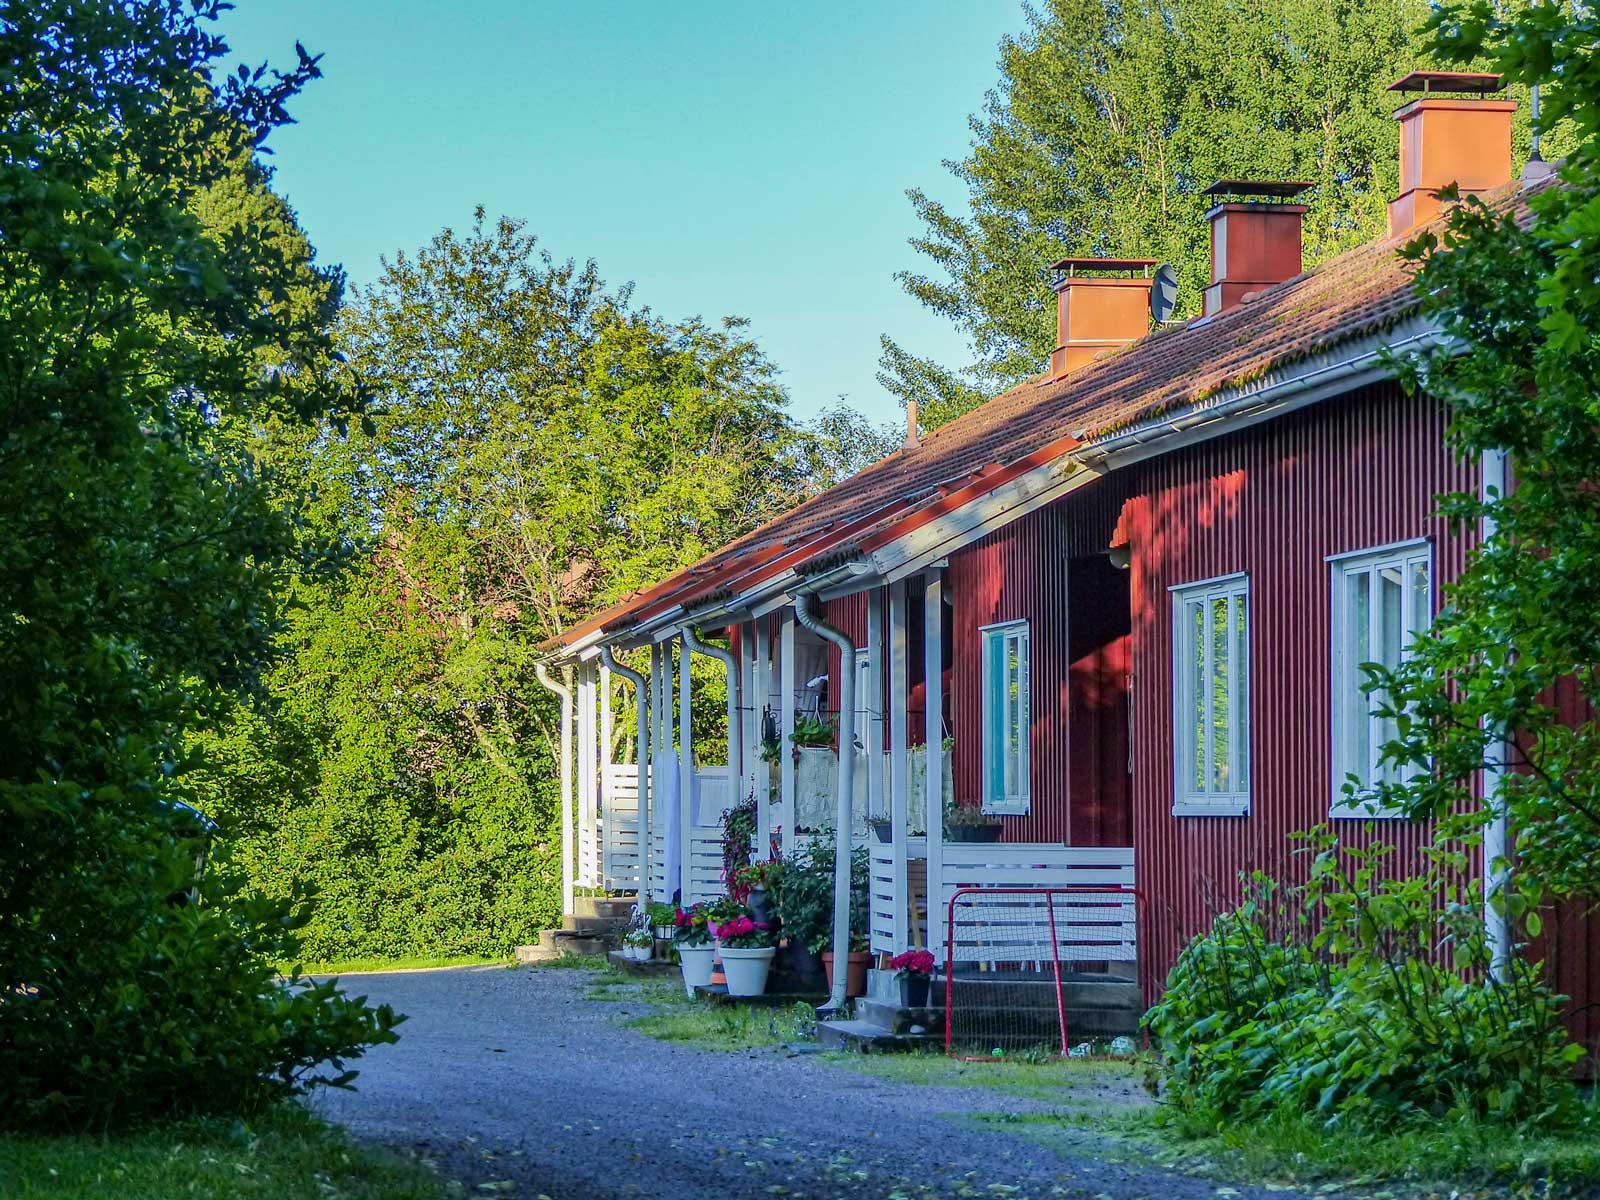 Veturimiehenpolku 1, Riihimäki